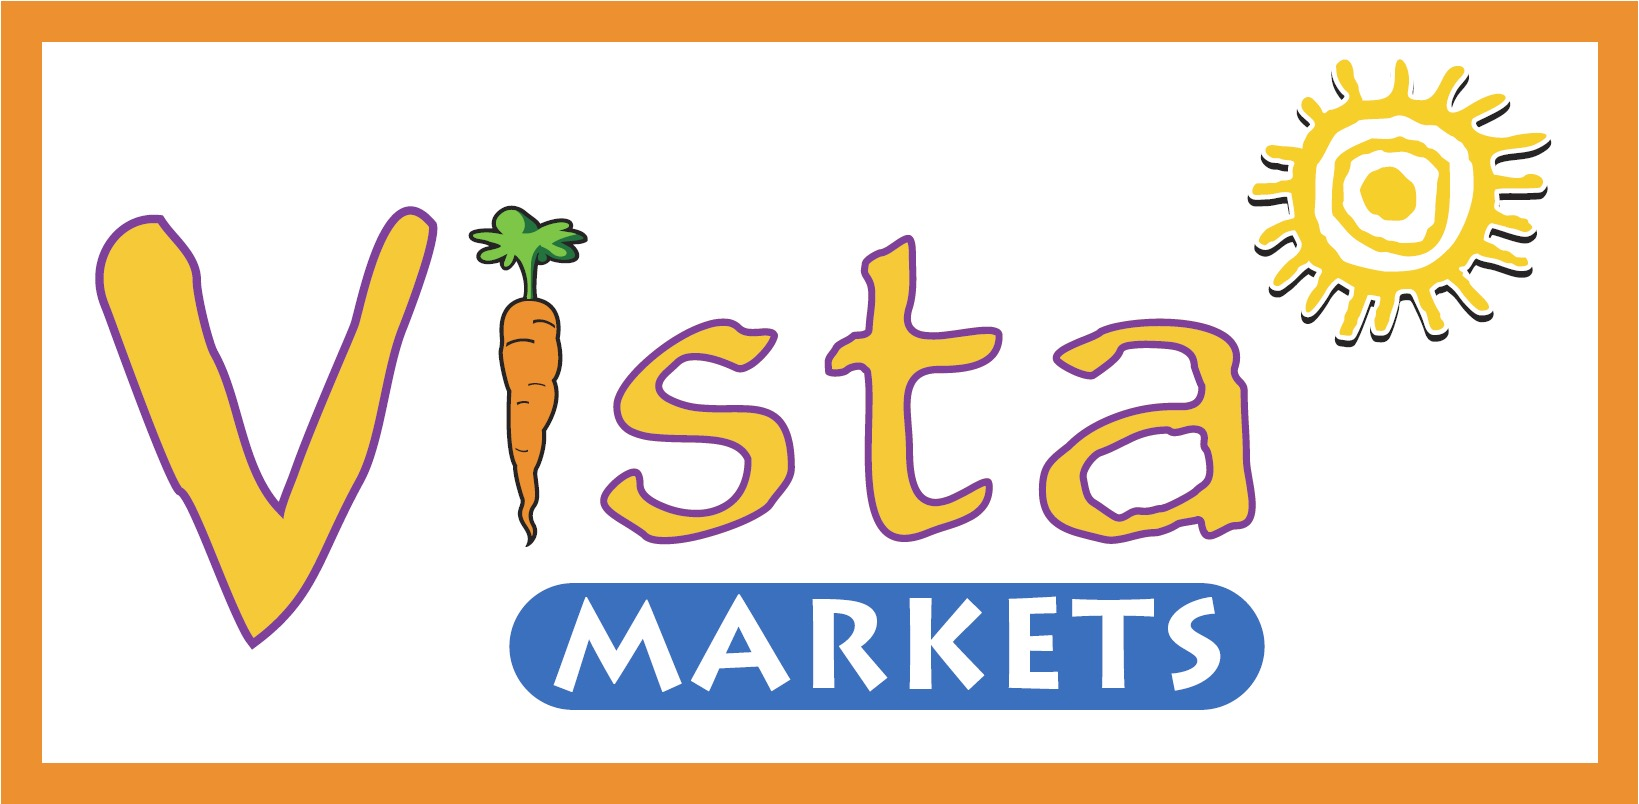 VistaMarkets_OrangeBorder_CurrentLogo.jpg